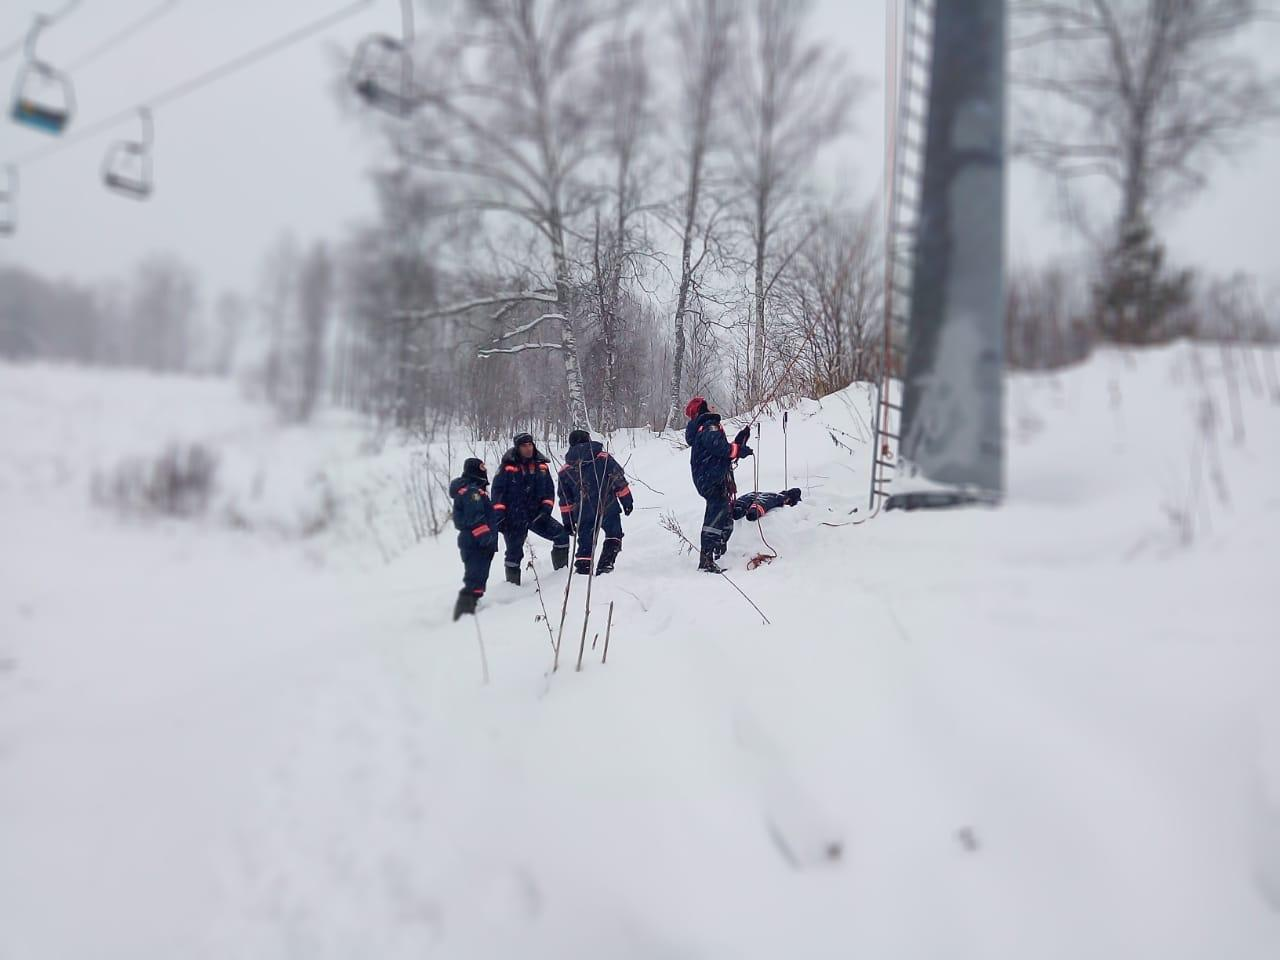 фото Спасатели под Новосибирском сняли c подъёмника лыжника с отмороженными ногами 2